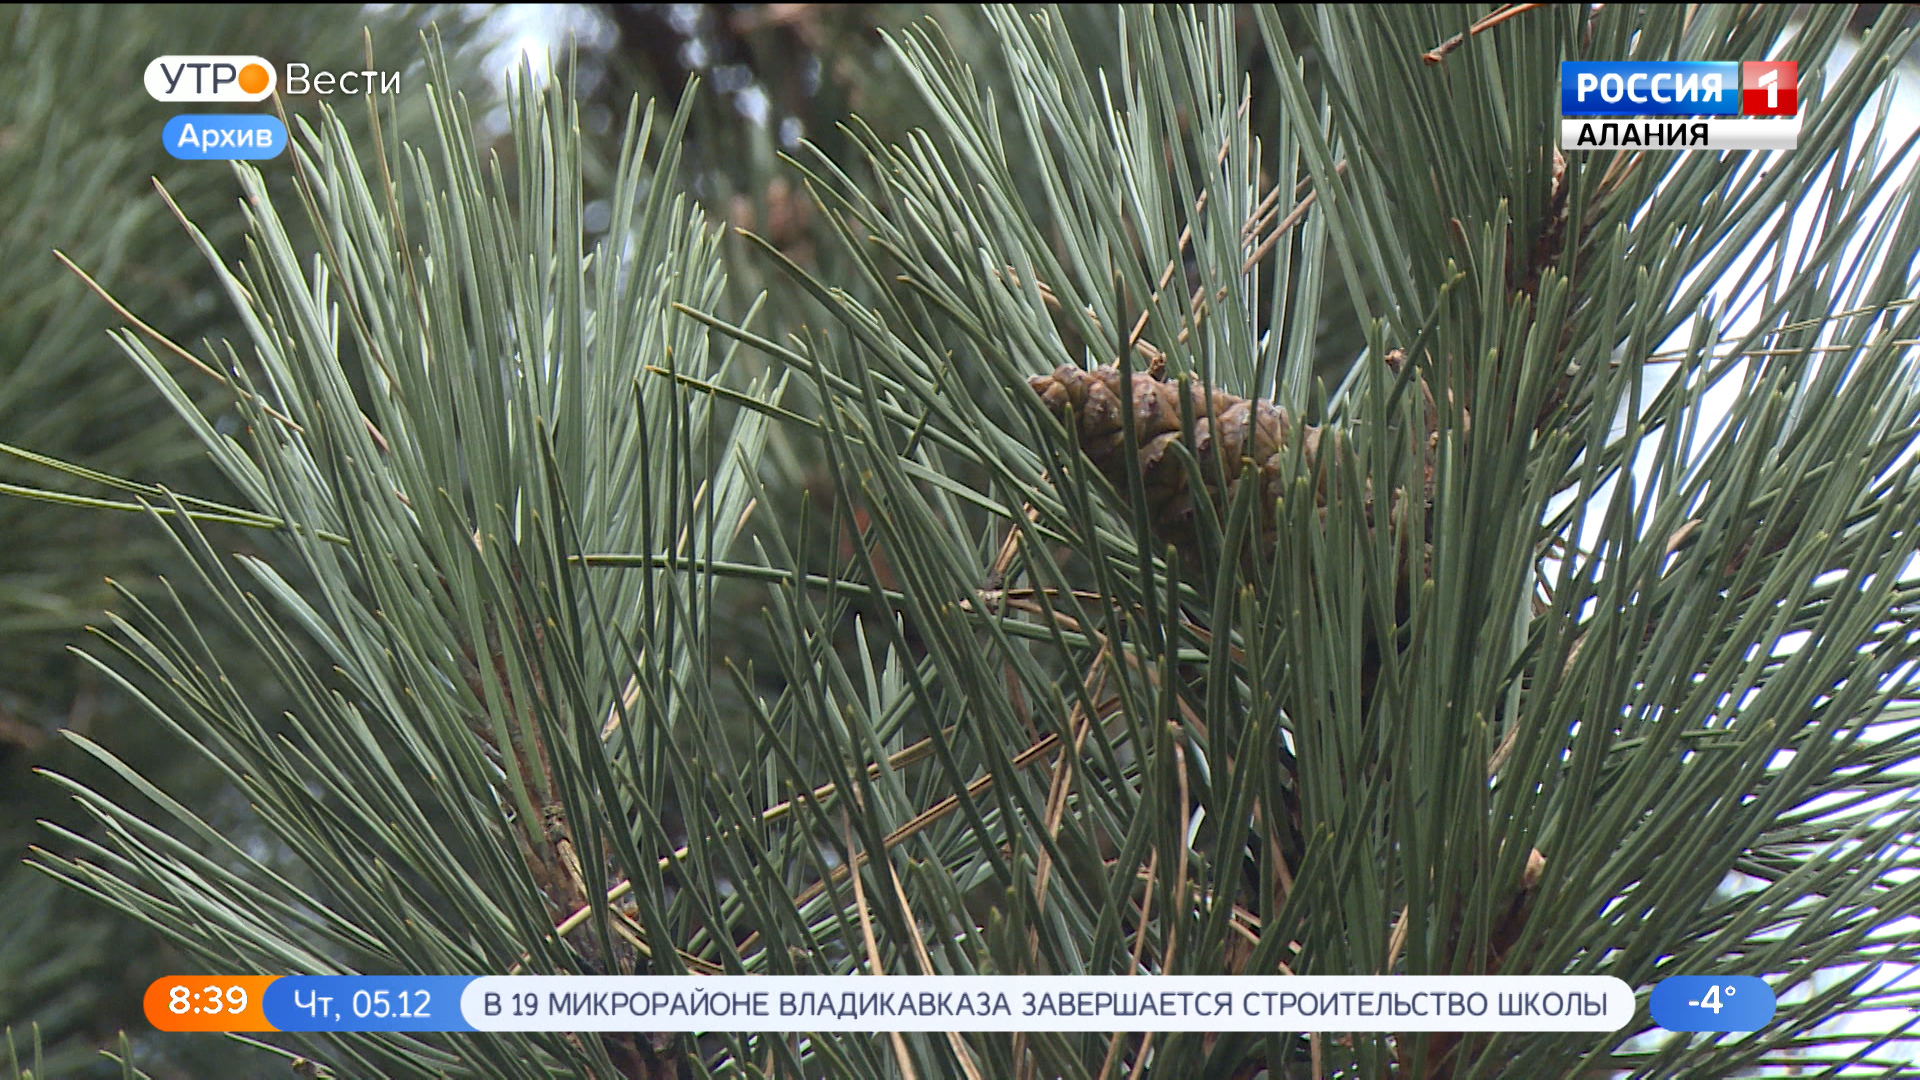 Сотрудники североосетинских лесничеств проводят рейды в преддверии новогодних праздников